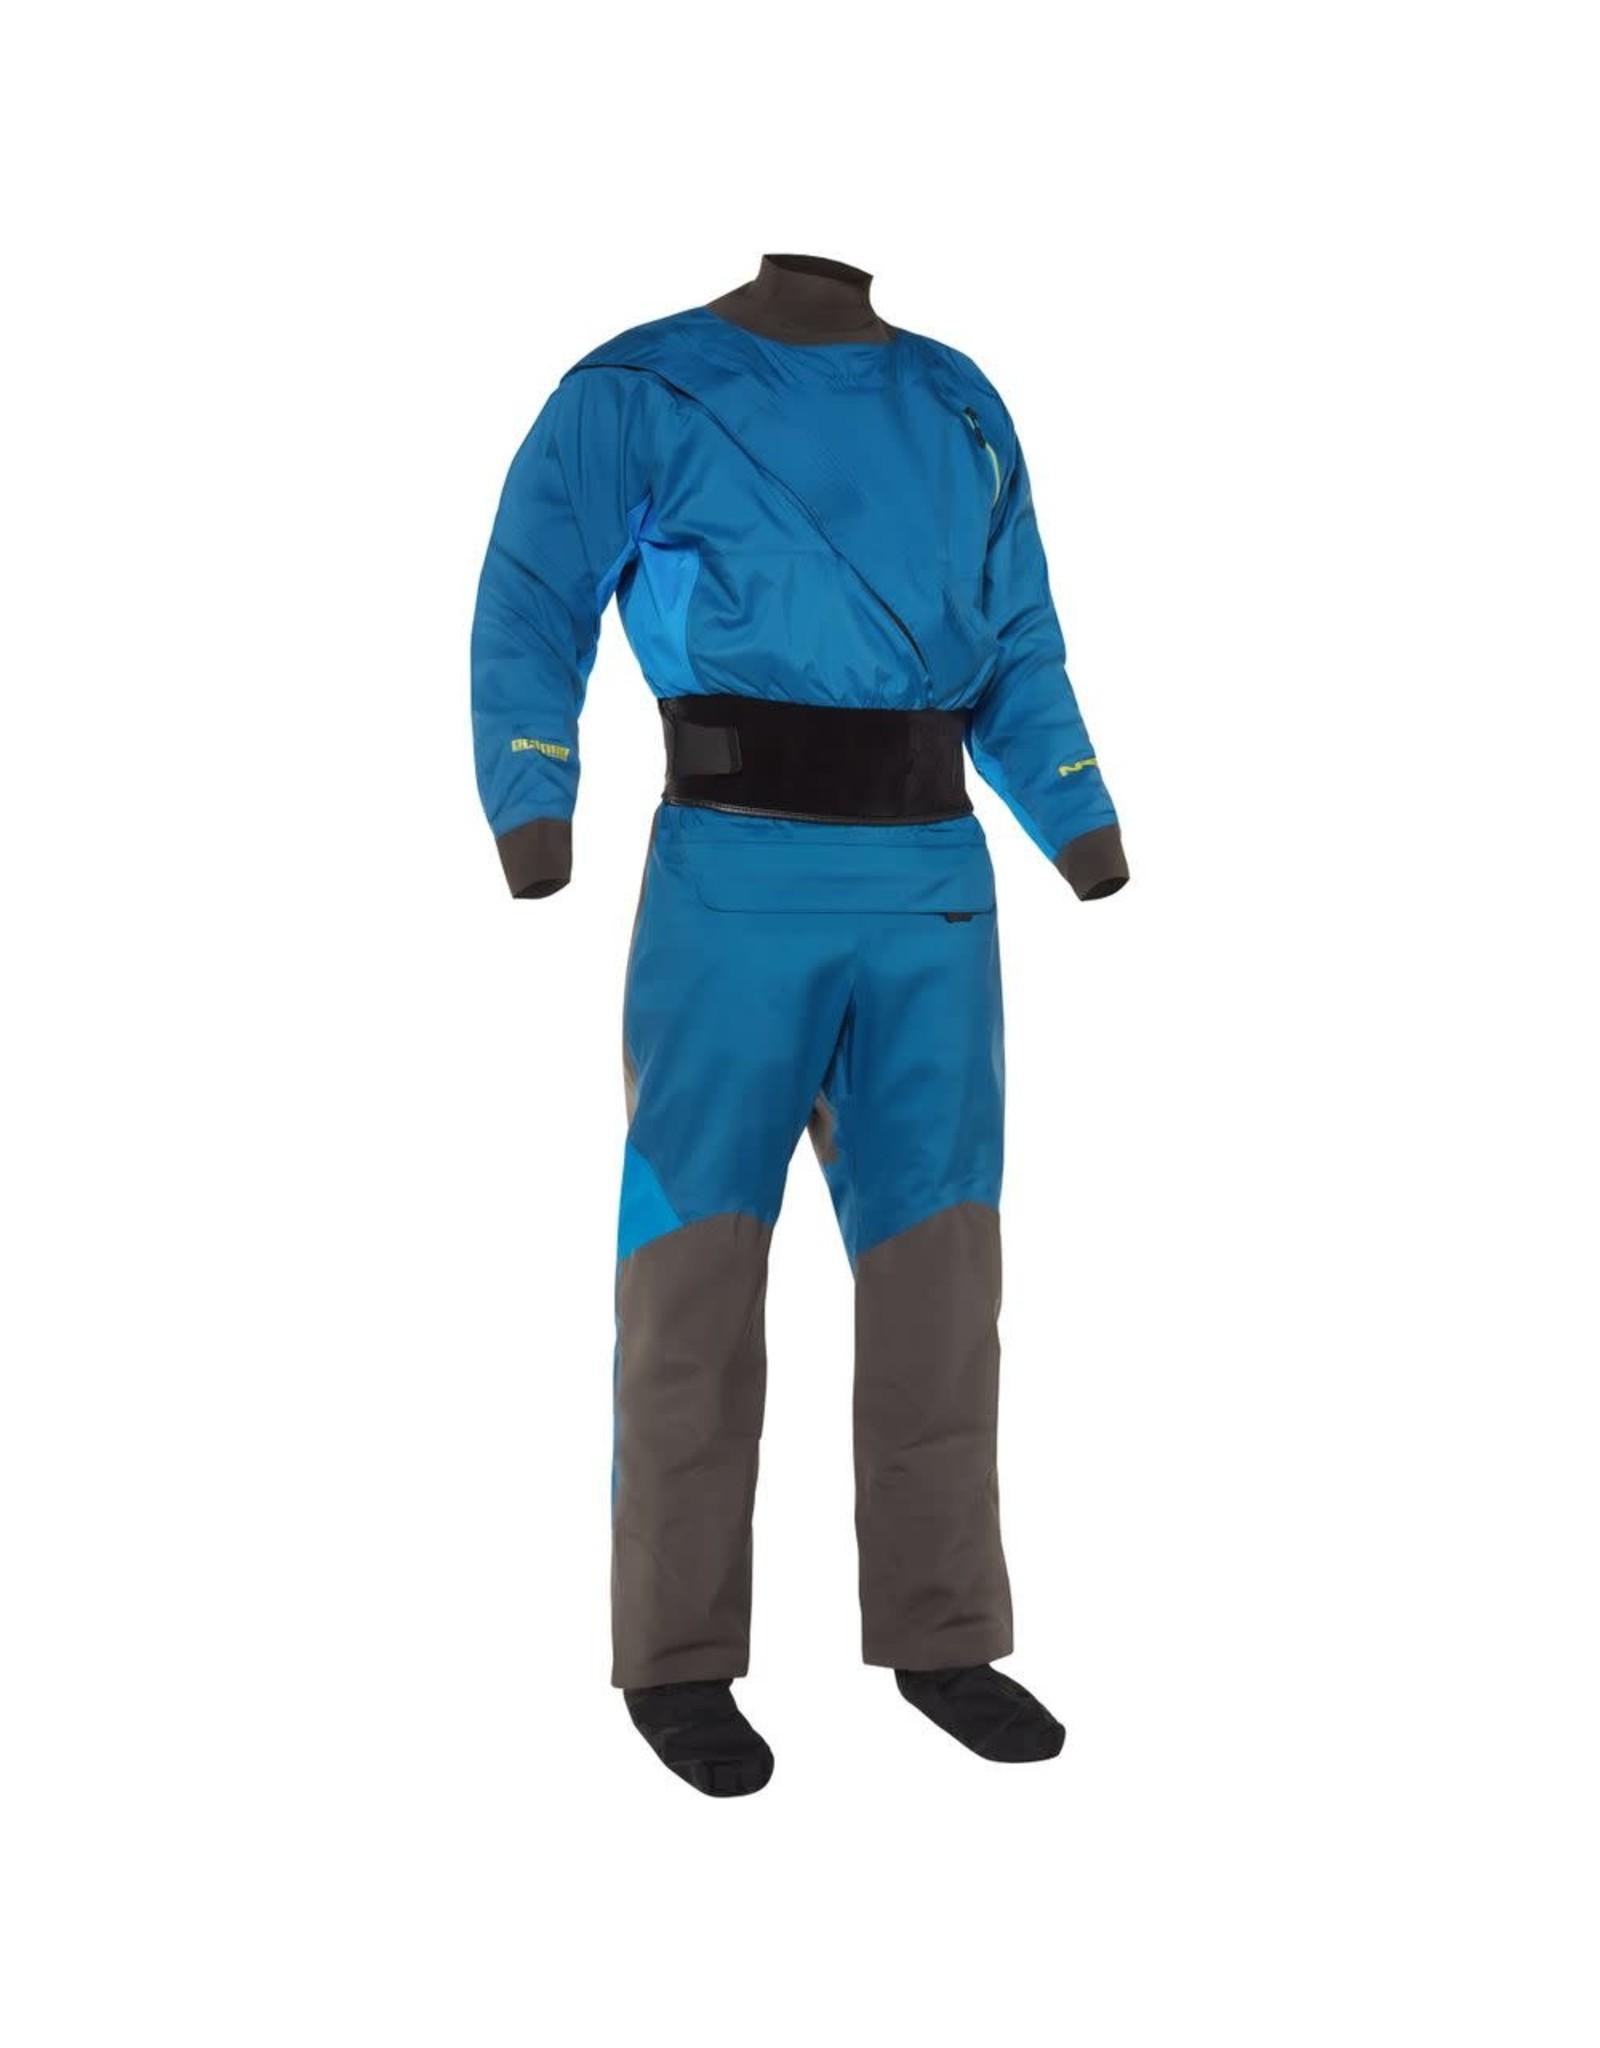 NRS NRS Men's Crux Drysuit